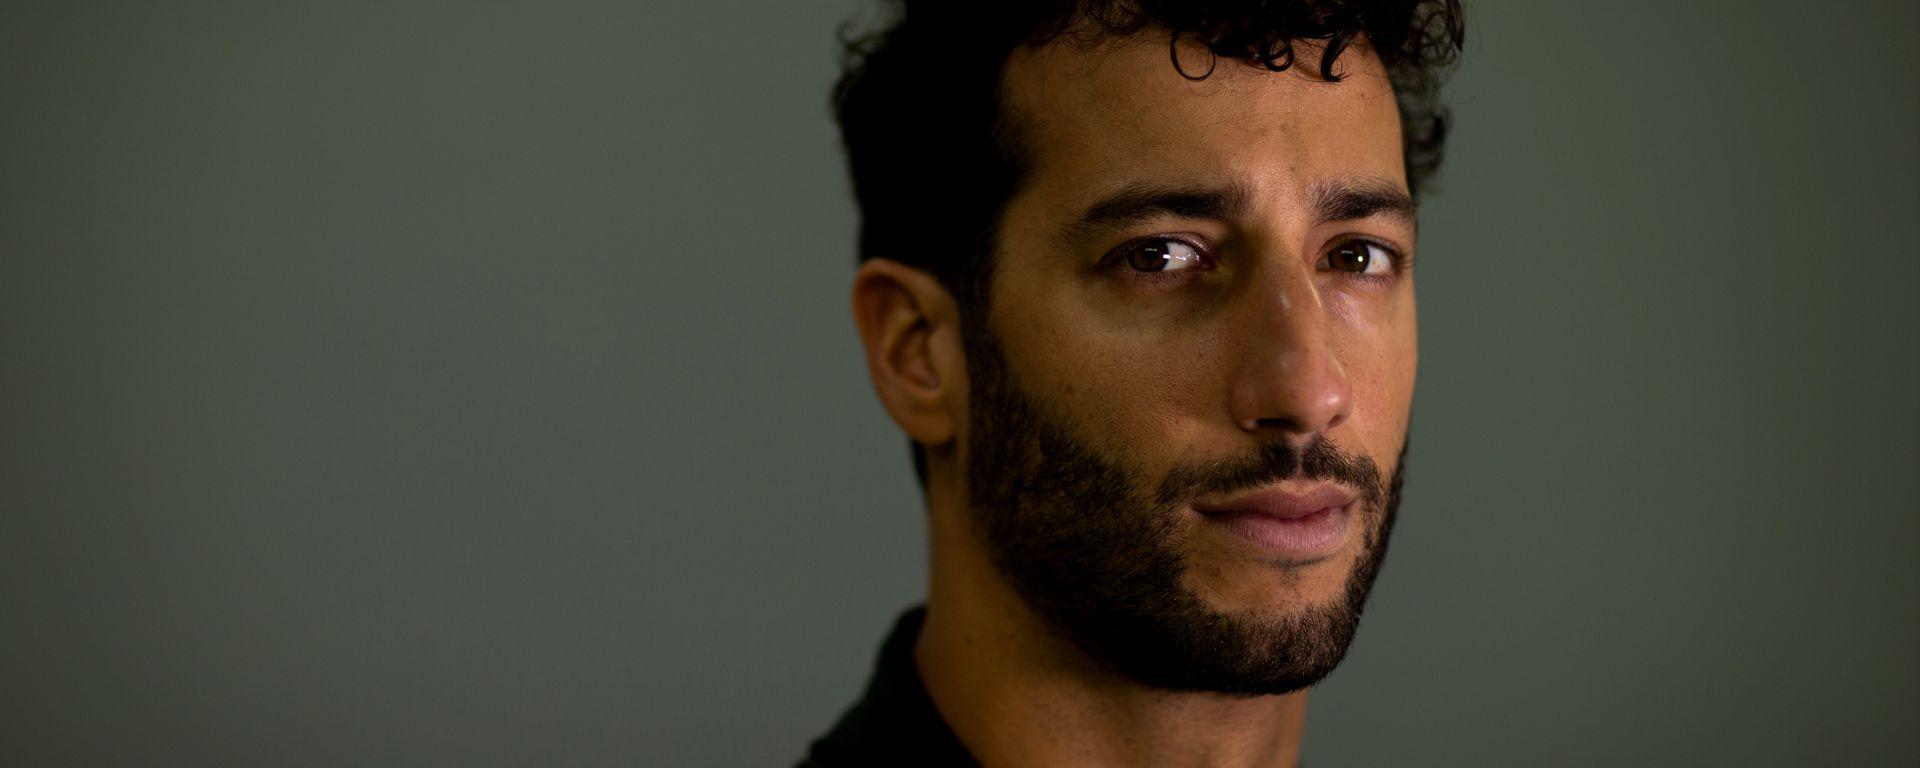 Presentazione Renault F1 2020: Daniel Ricciardo